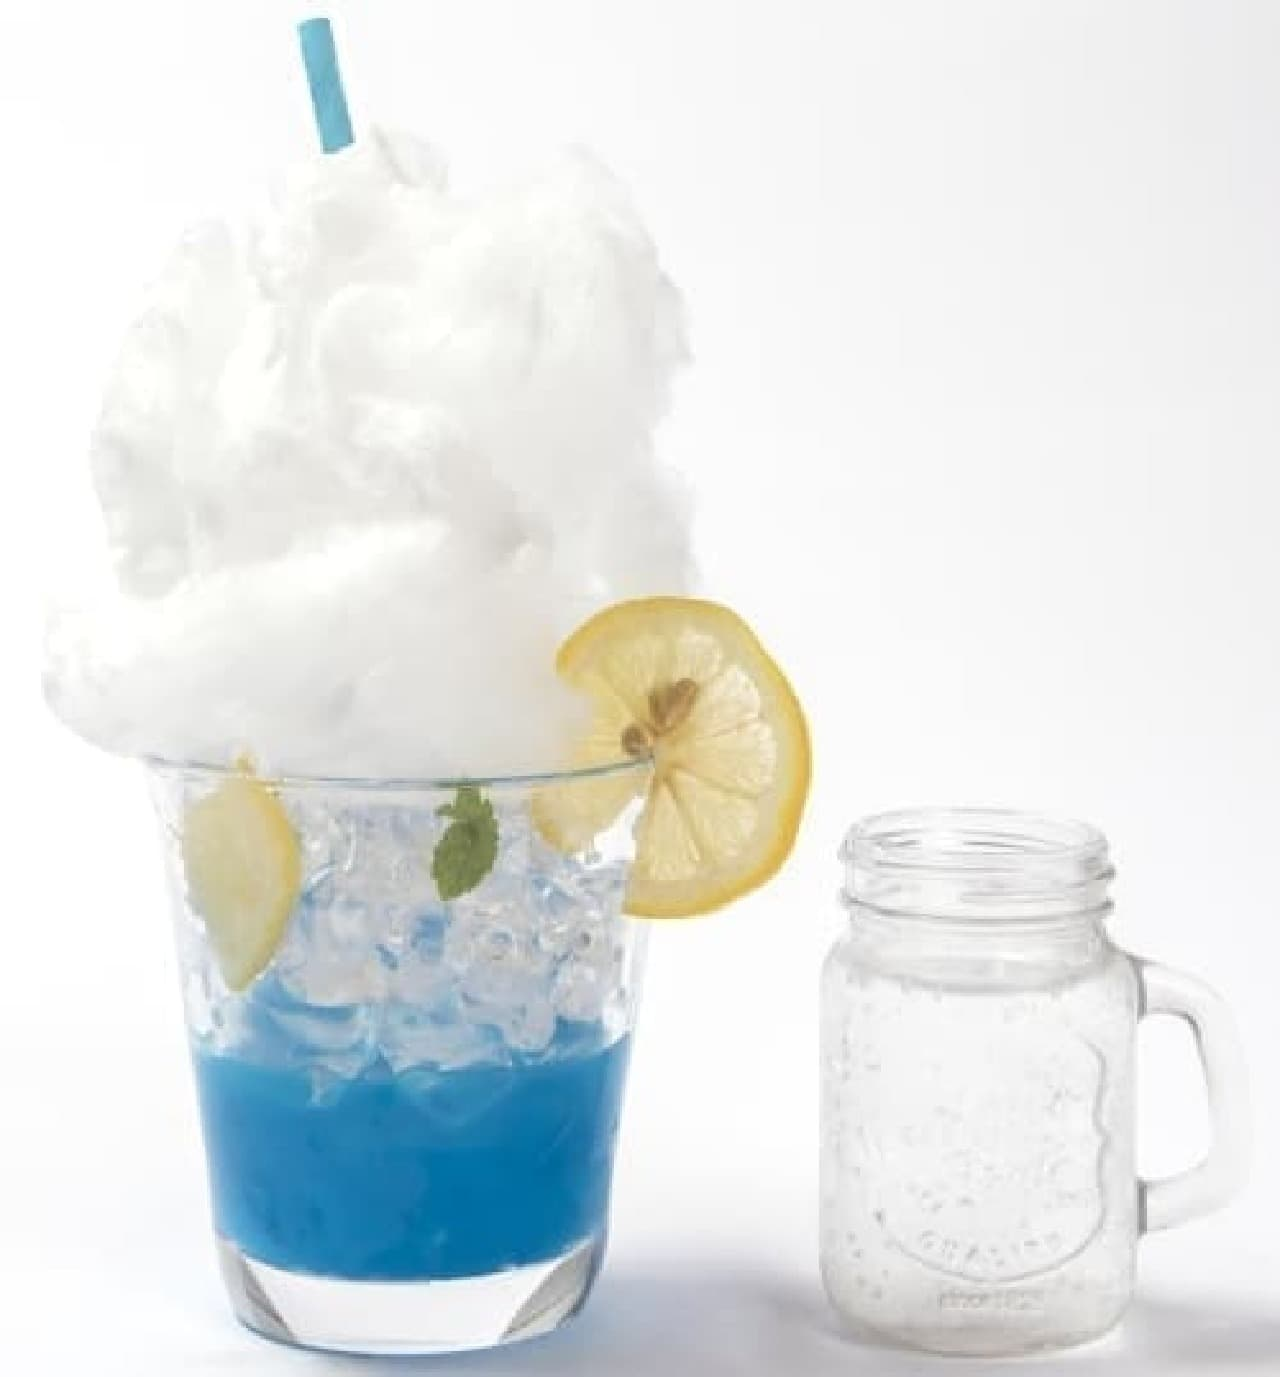 時をかける少女カフェ「あの夏の青空と入道雲ソーダ」